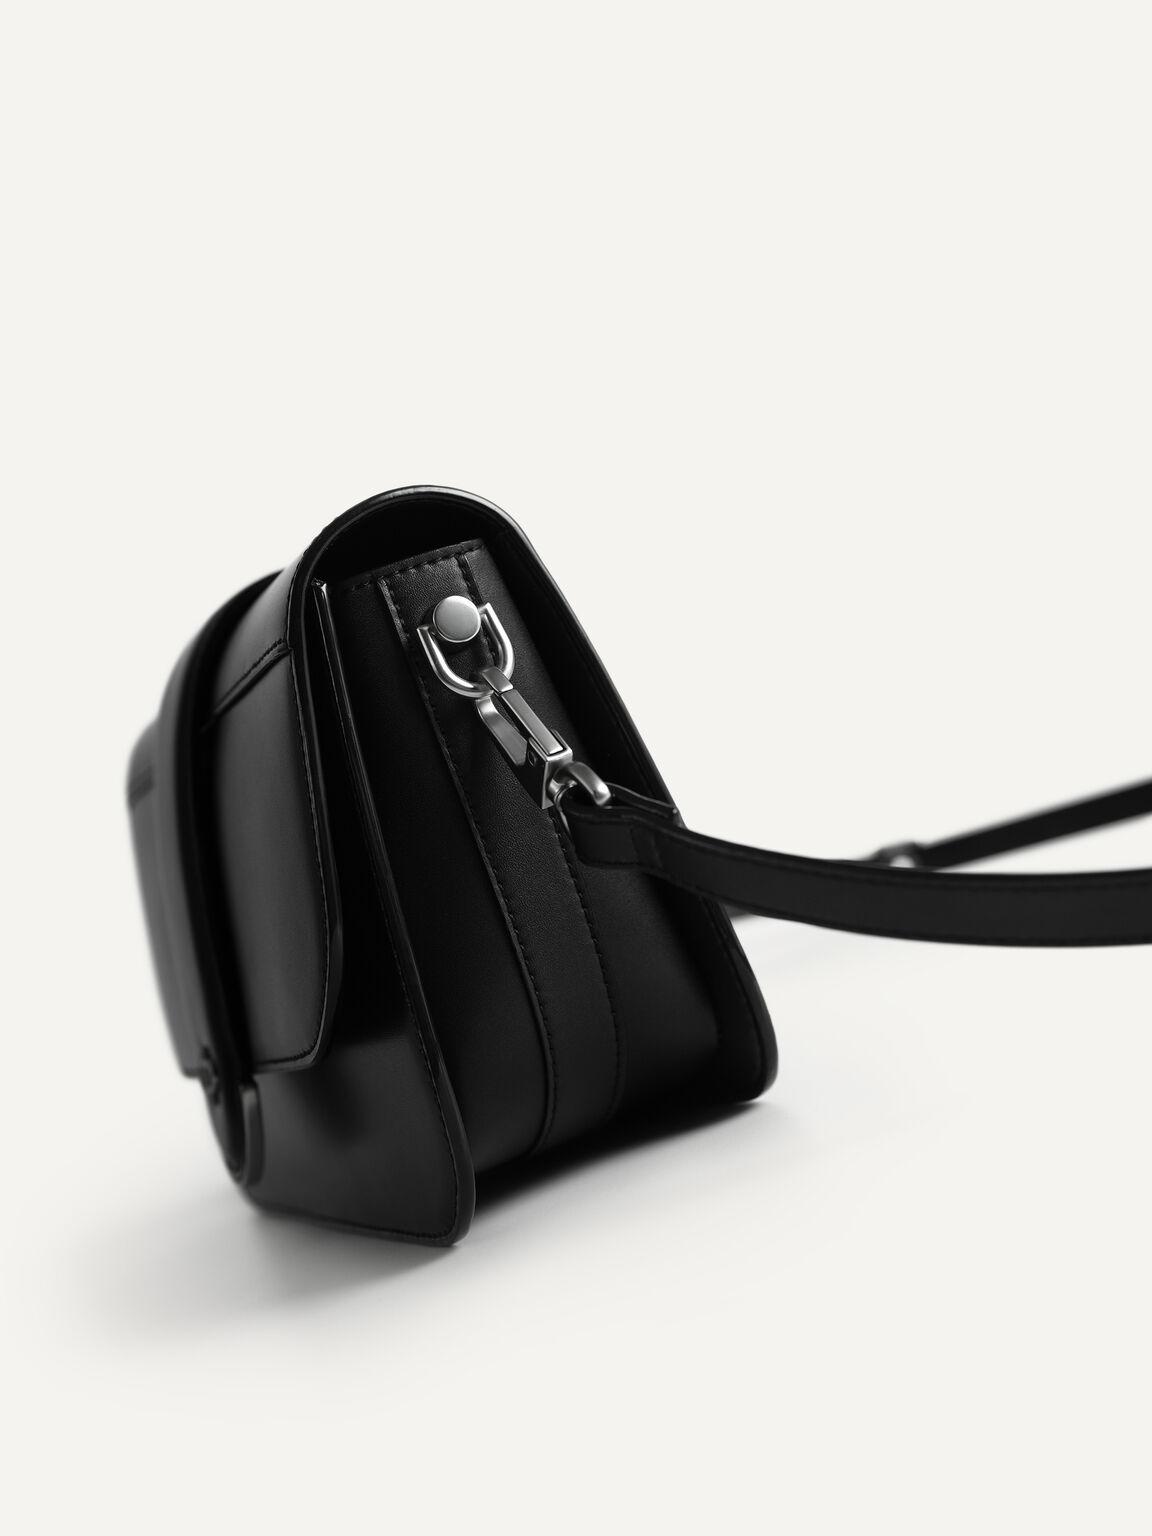 Icon Leather Shoulder Bag, Black, hi-res